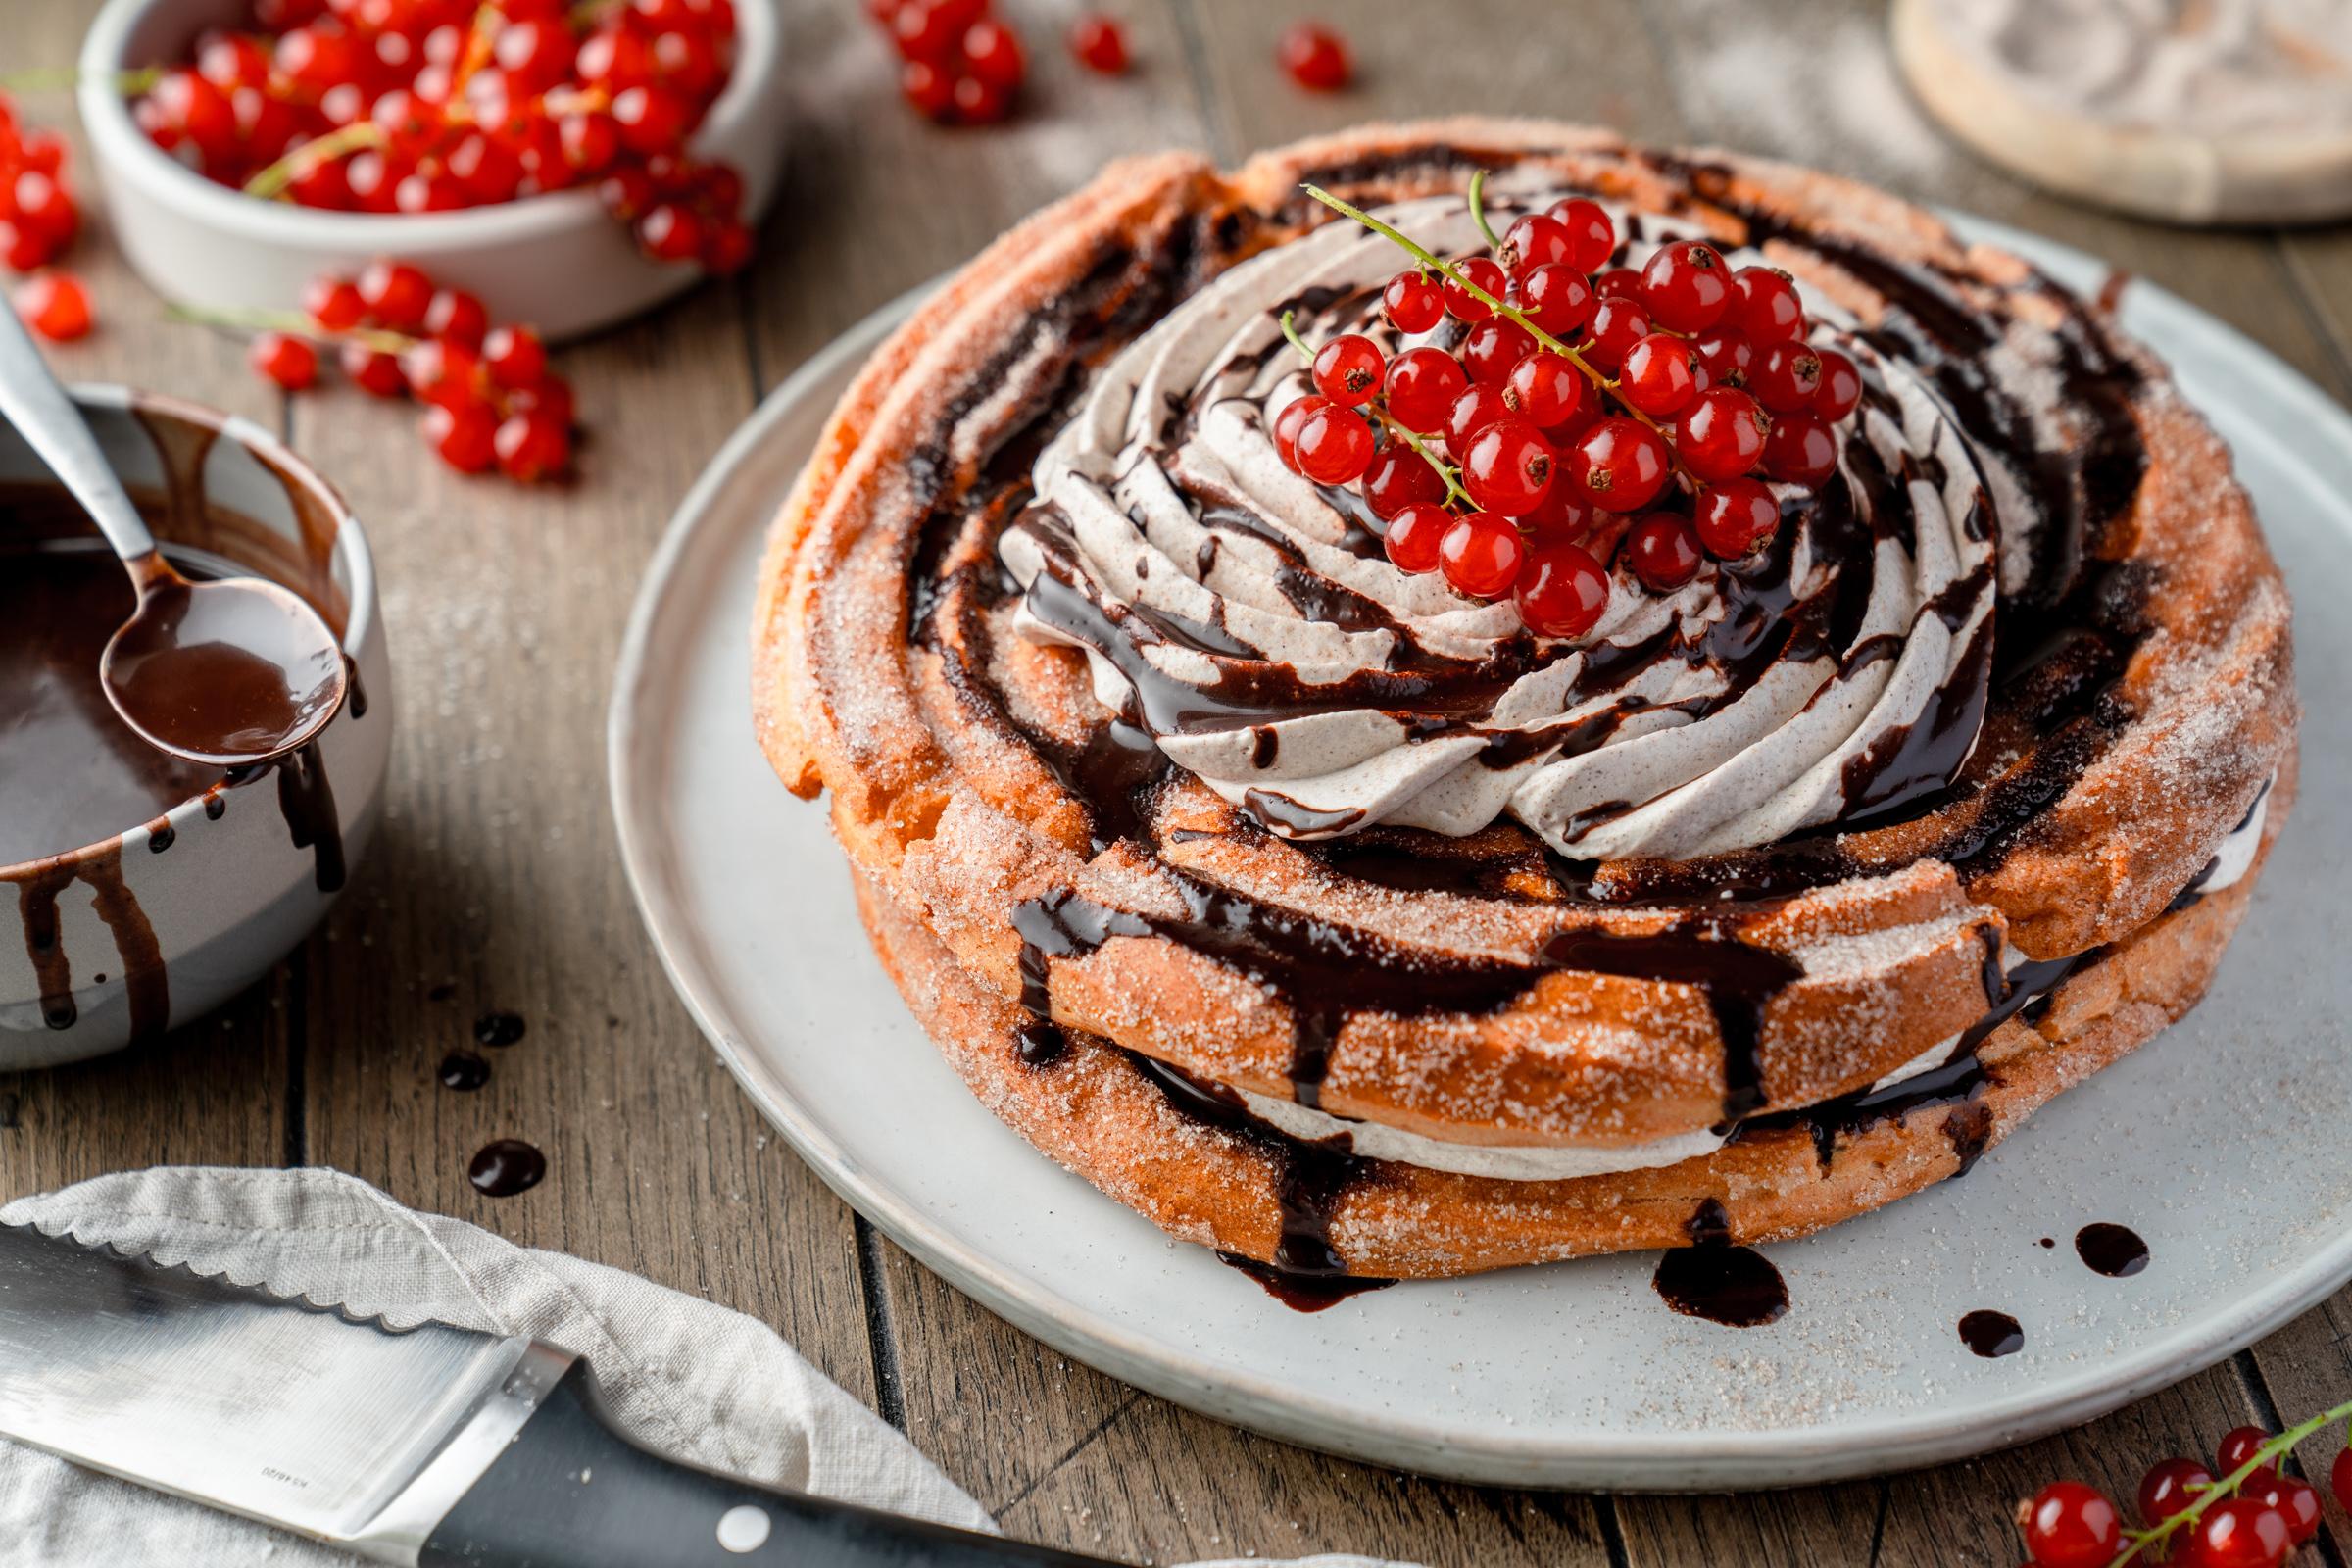 Wenn Ihr Churros liebt, wird Euch diese Churros-Torte umhauen. Der Brandteig wird gebacken, nicht frittiert - er ist wirklich einfach zu machen.